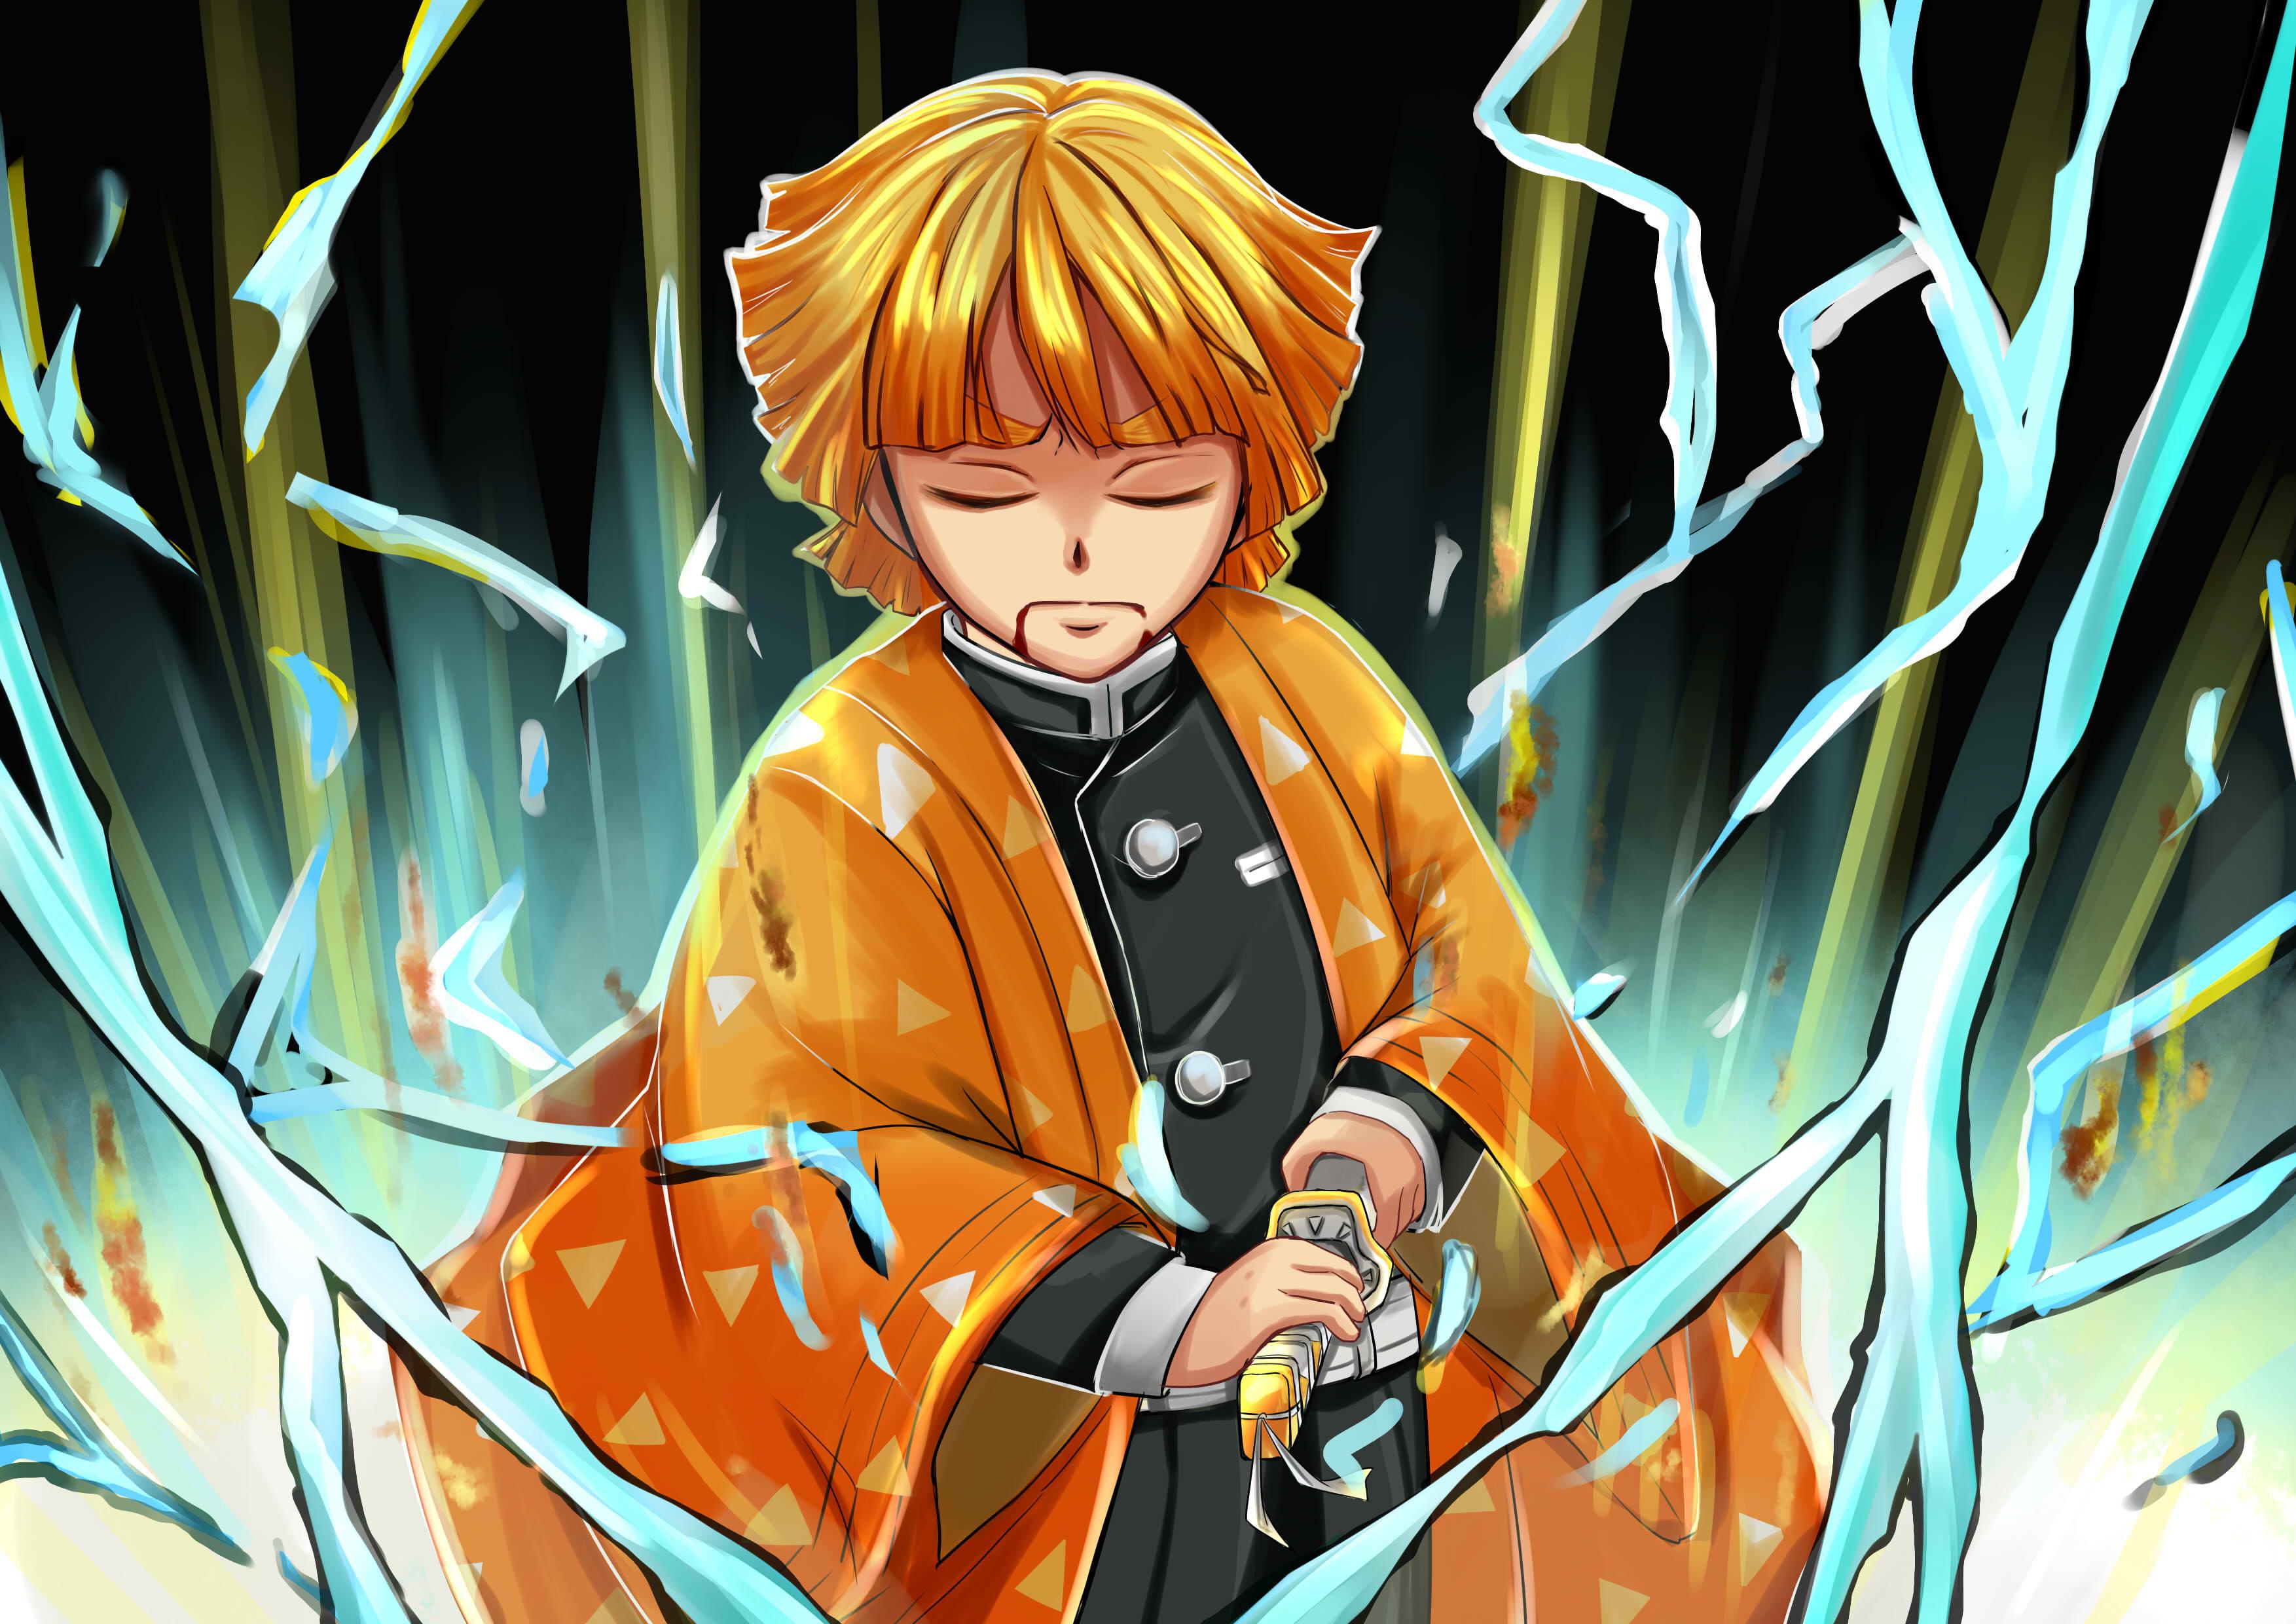 Kimetsu no yaiba hd wallpaper | background 1920x1114 anime demon slayer: Demon Slayer: Kimetsu no Yaiba HD Wallpaper | Background ...